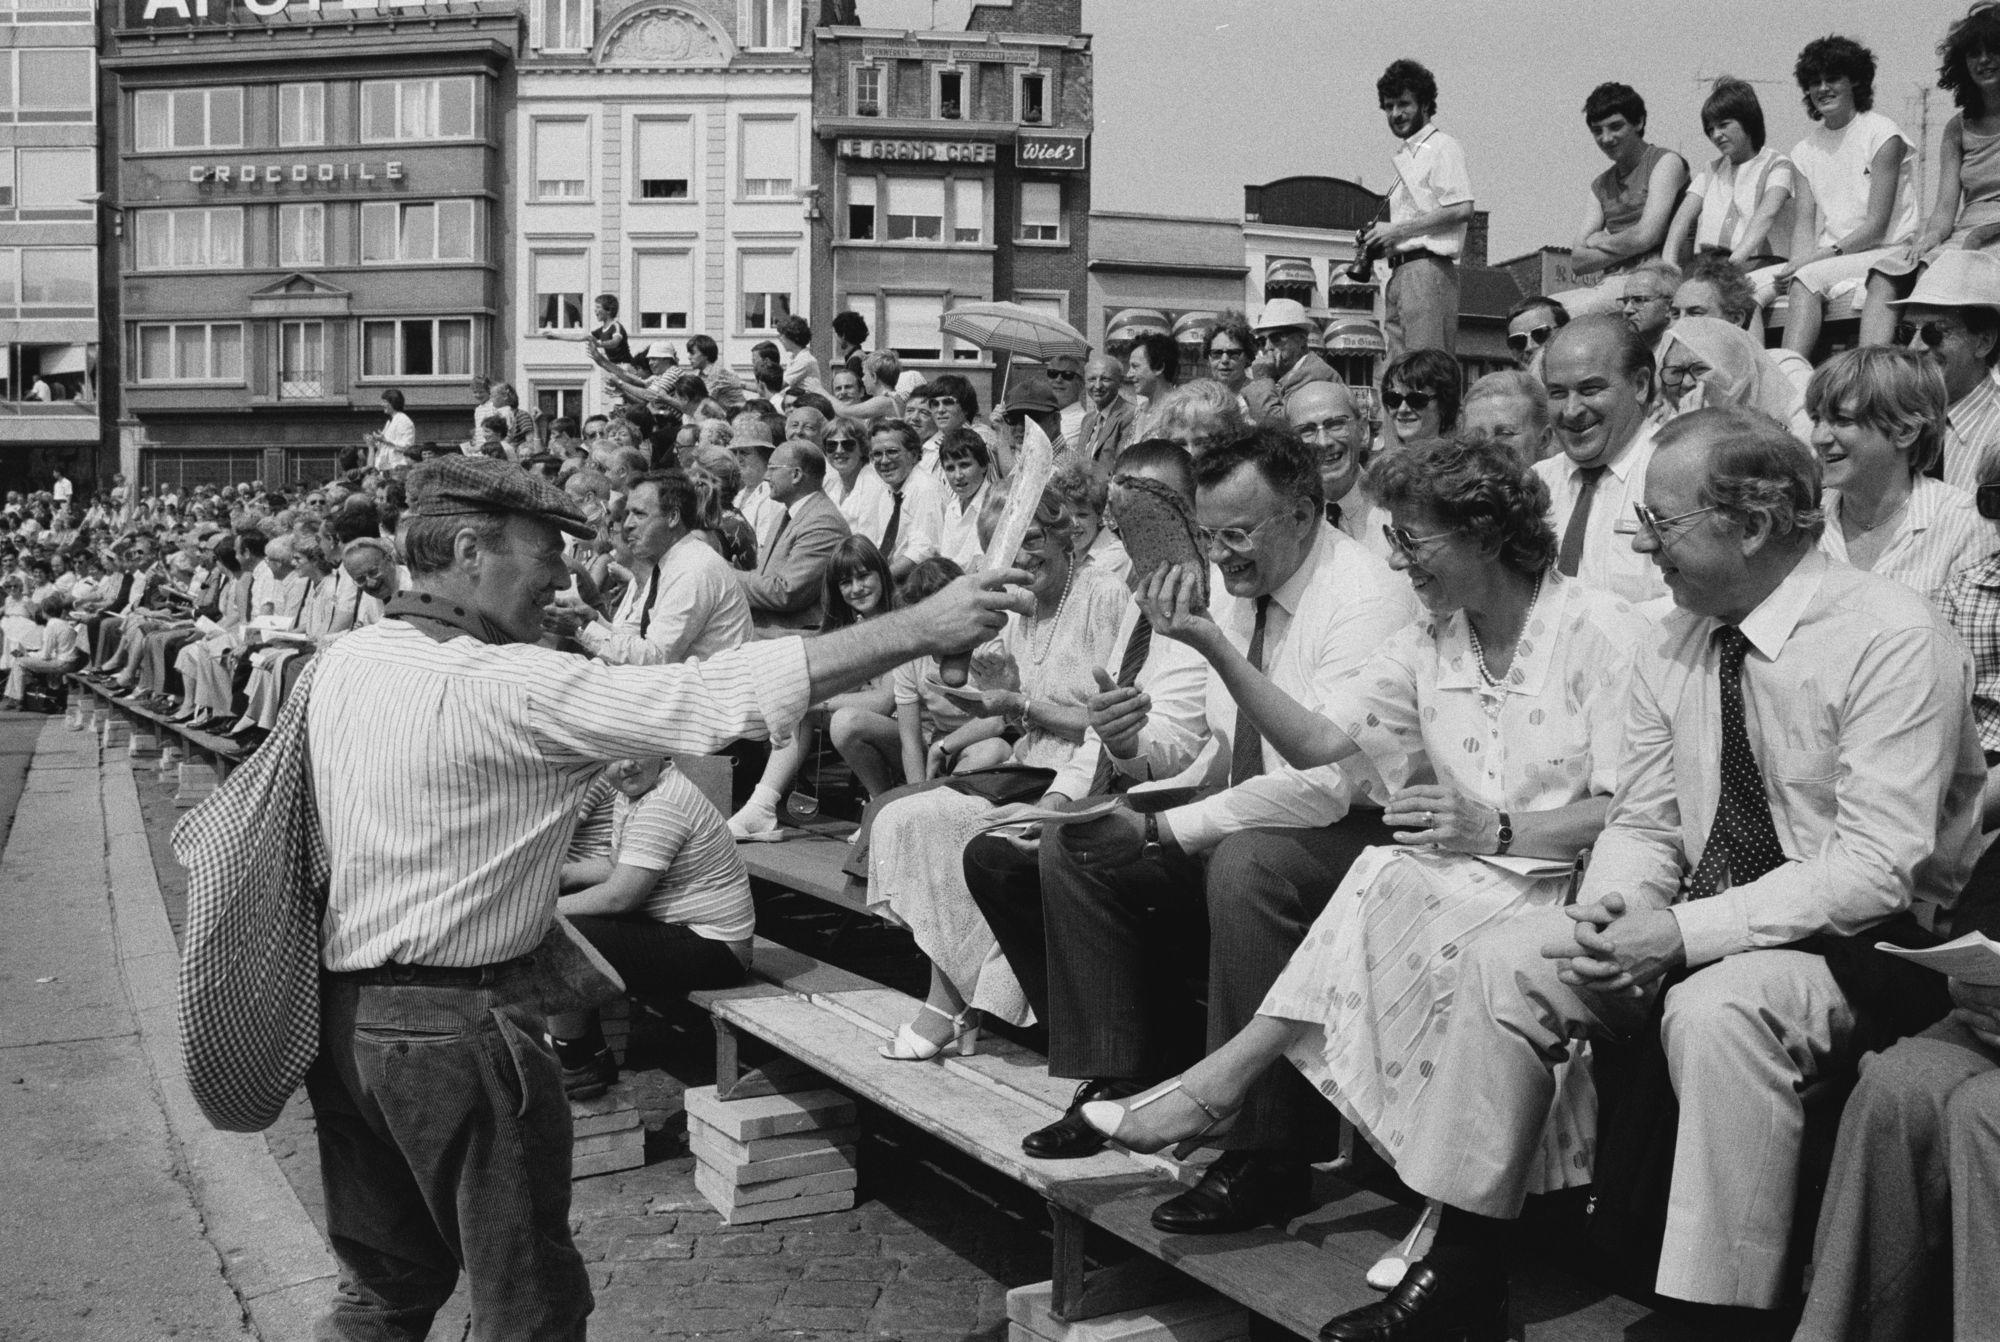 Toeschouwers tijdens de historische optocht op de 11 juliviering 1982